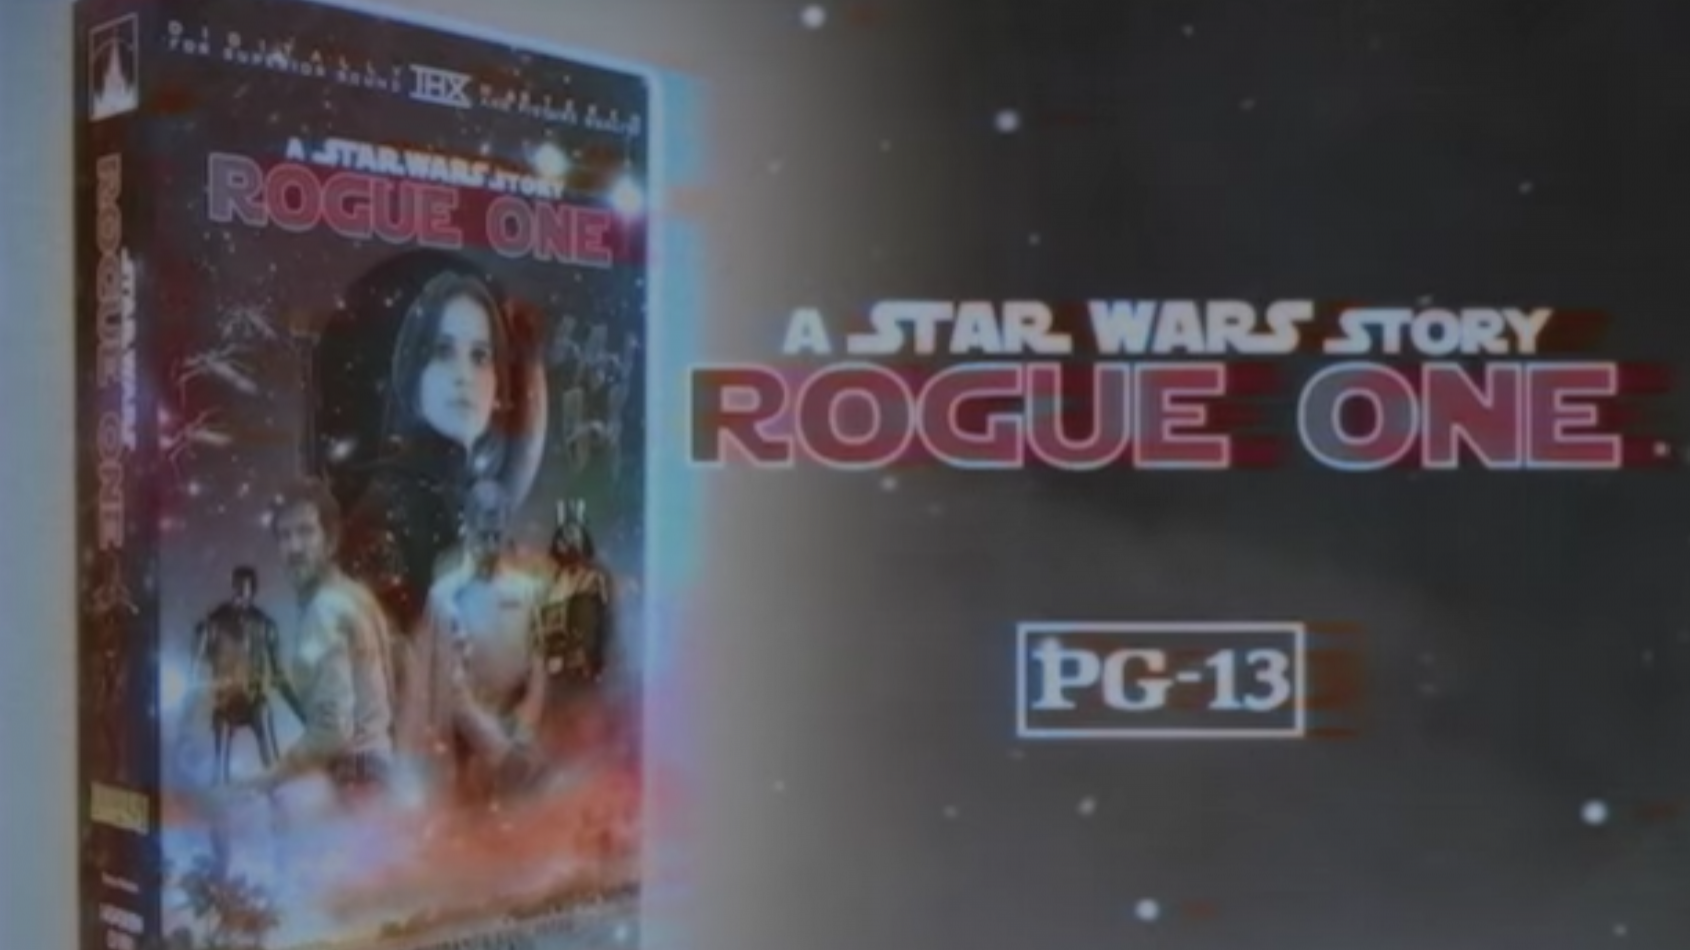 Une publicité pour la sortie de Rogue One en VHS